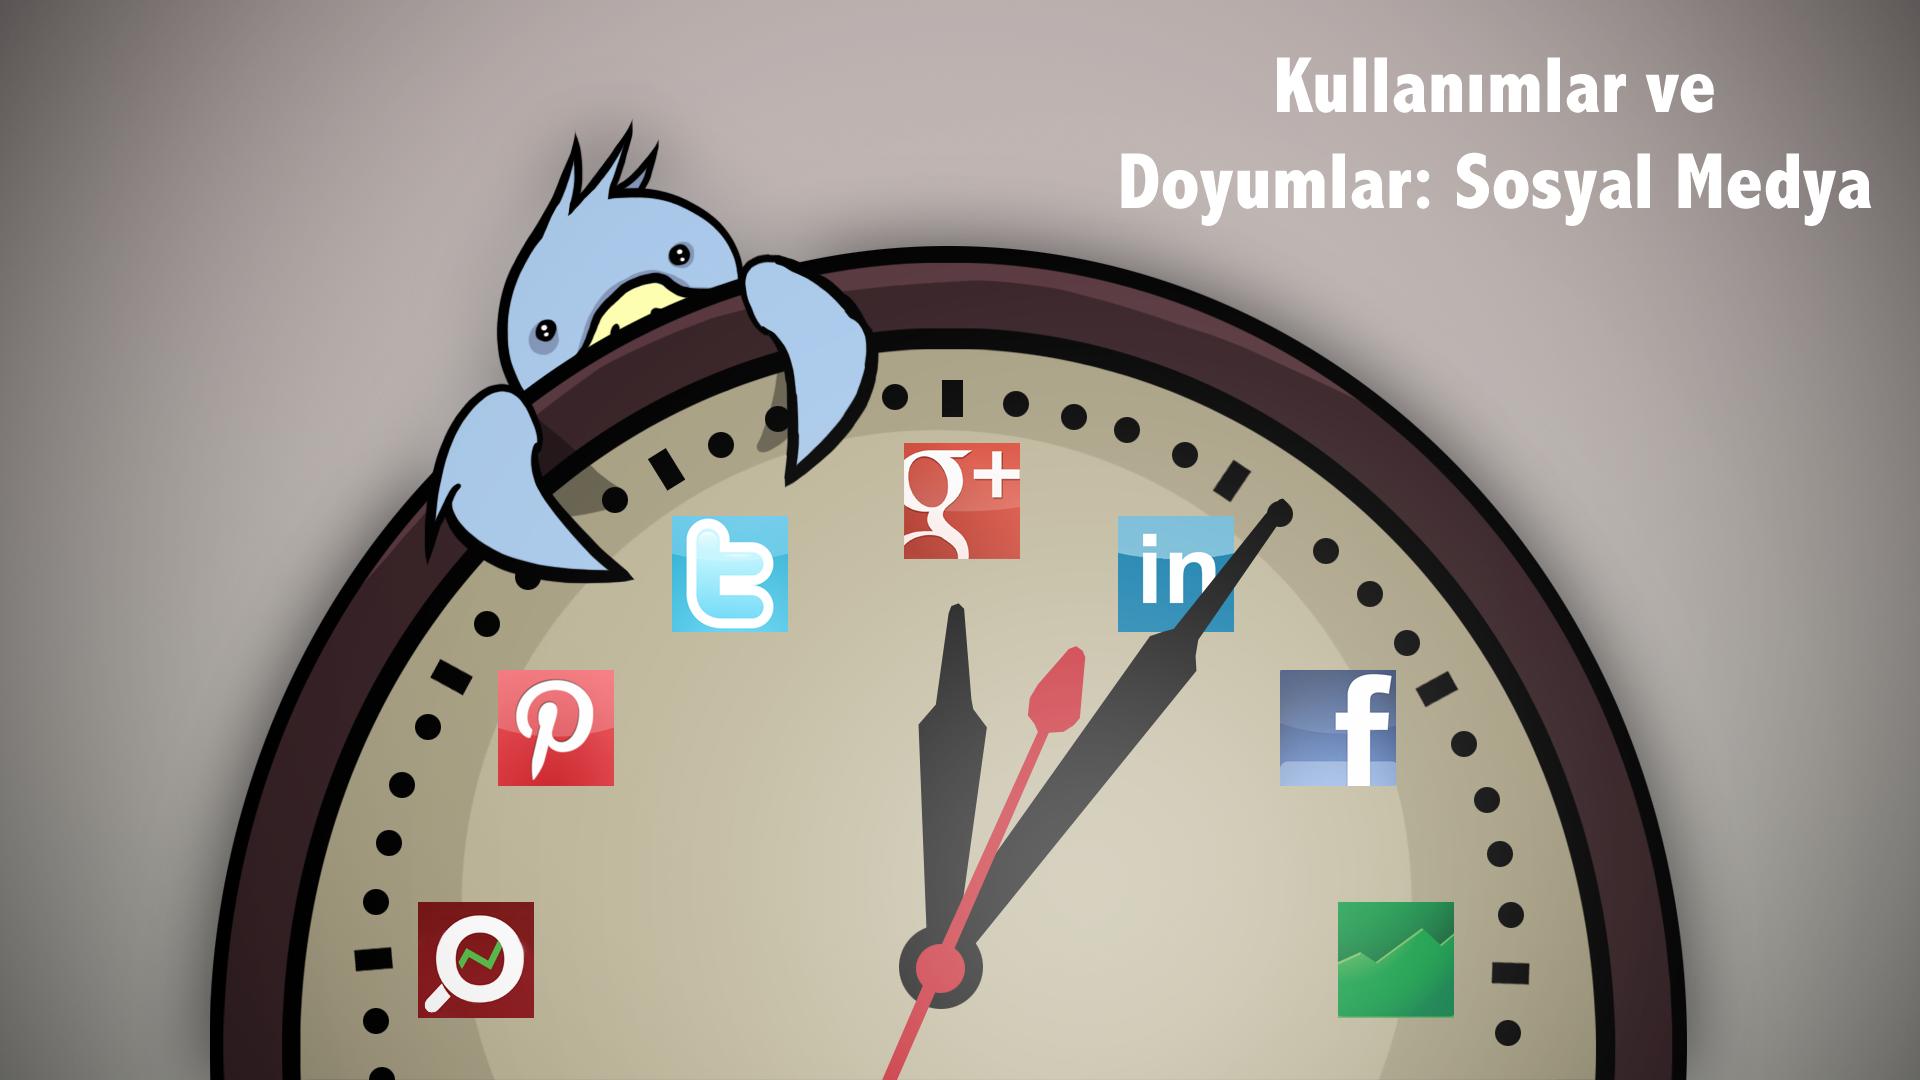 Kullanımlar ve Doyumlar : Sosyal Medya